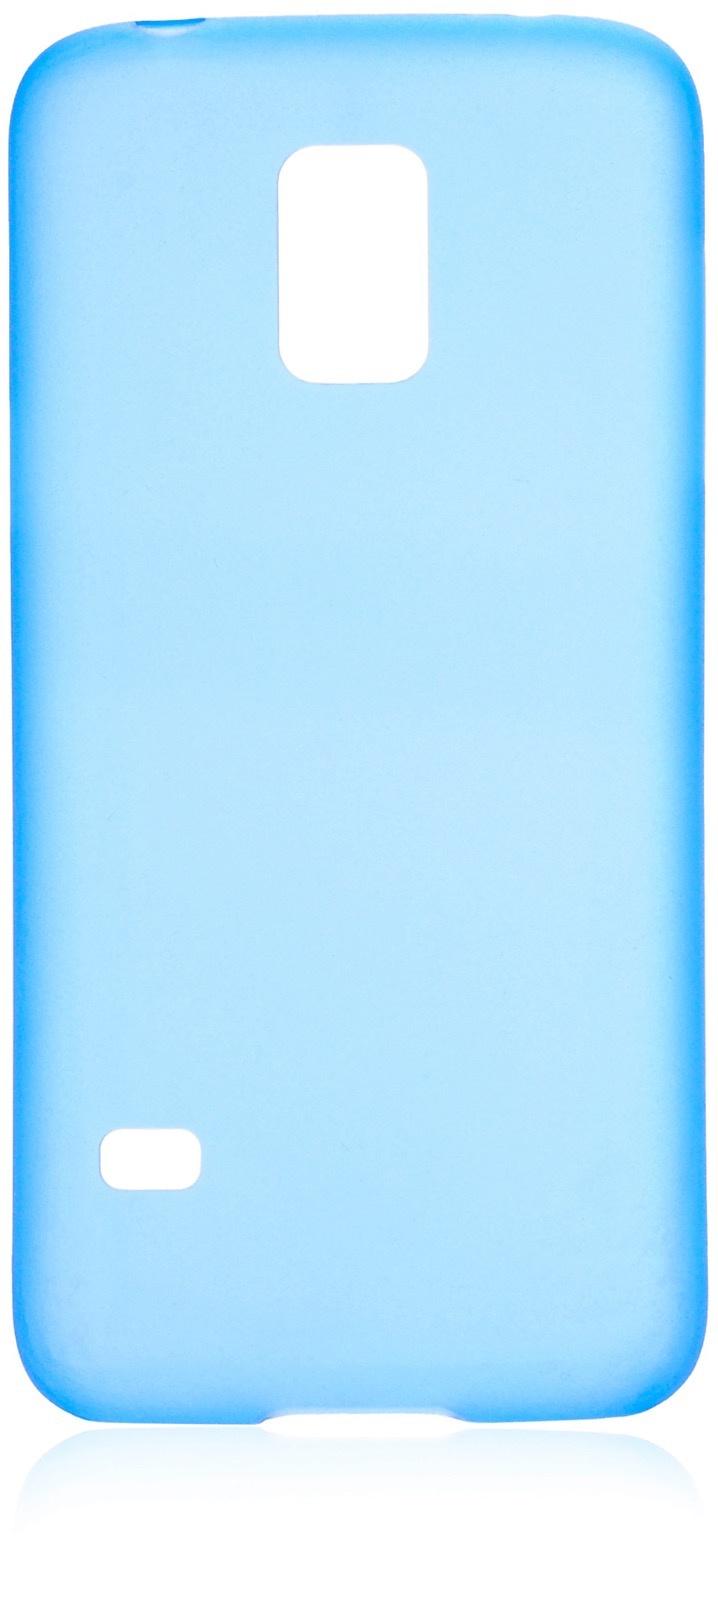 Чехол накладка iNeez пластик 0.3 мм 570003 для Samsung Galaxy S5 mini,570003, синий